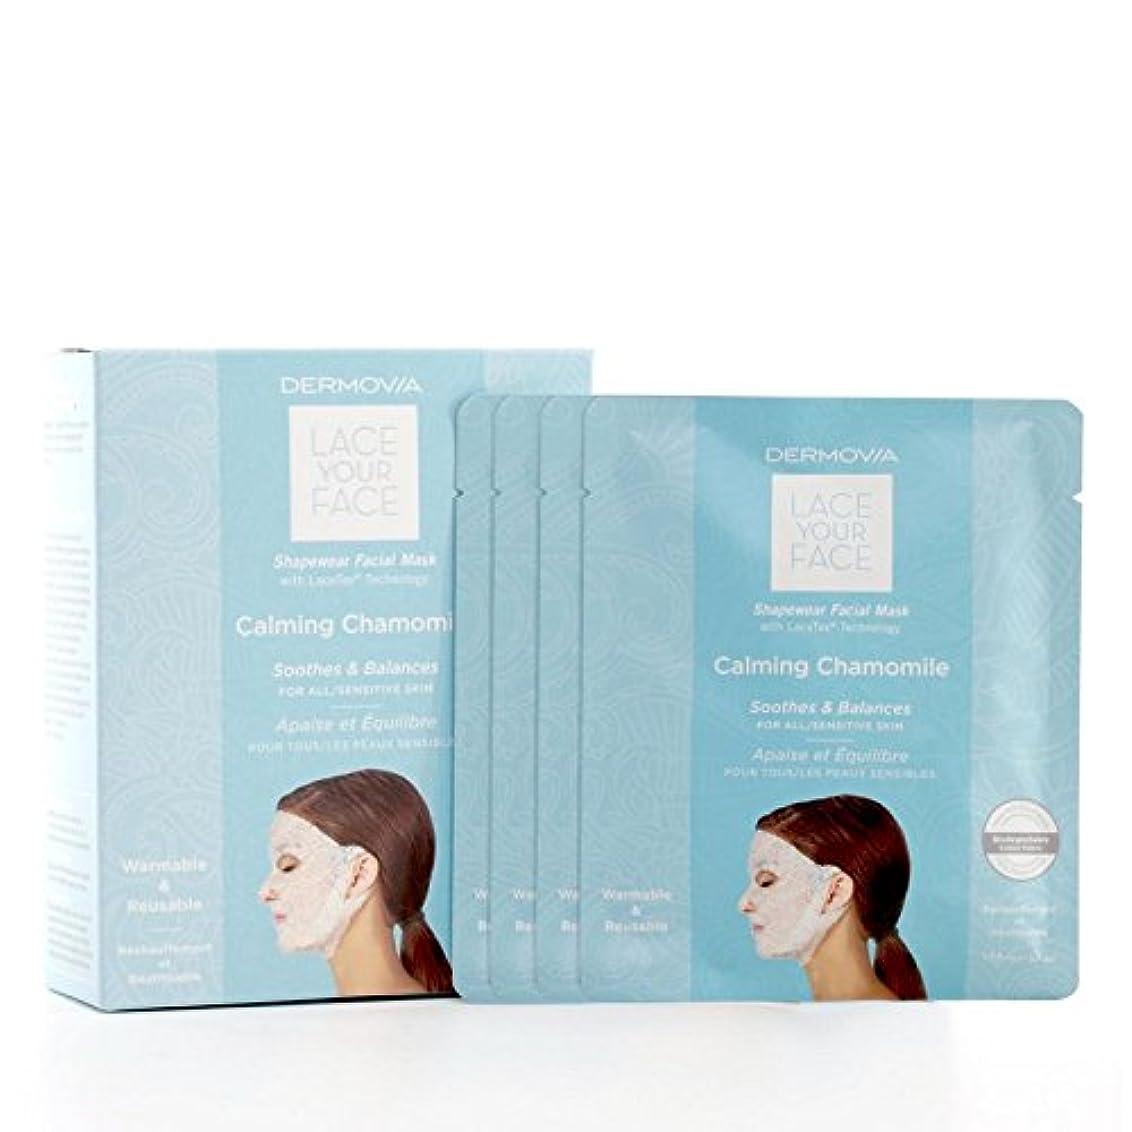 入浴完全に頑固なは、あなたの顔の圧縮フェイシャルマスク心を落ち着かせるカモミールをひもで締めます x2 - Dermovia Lace Your Face Compression Facial Mask Calming Chamomile...